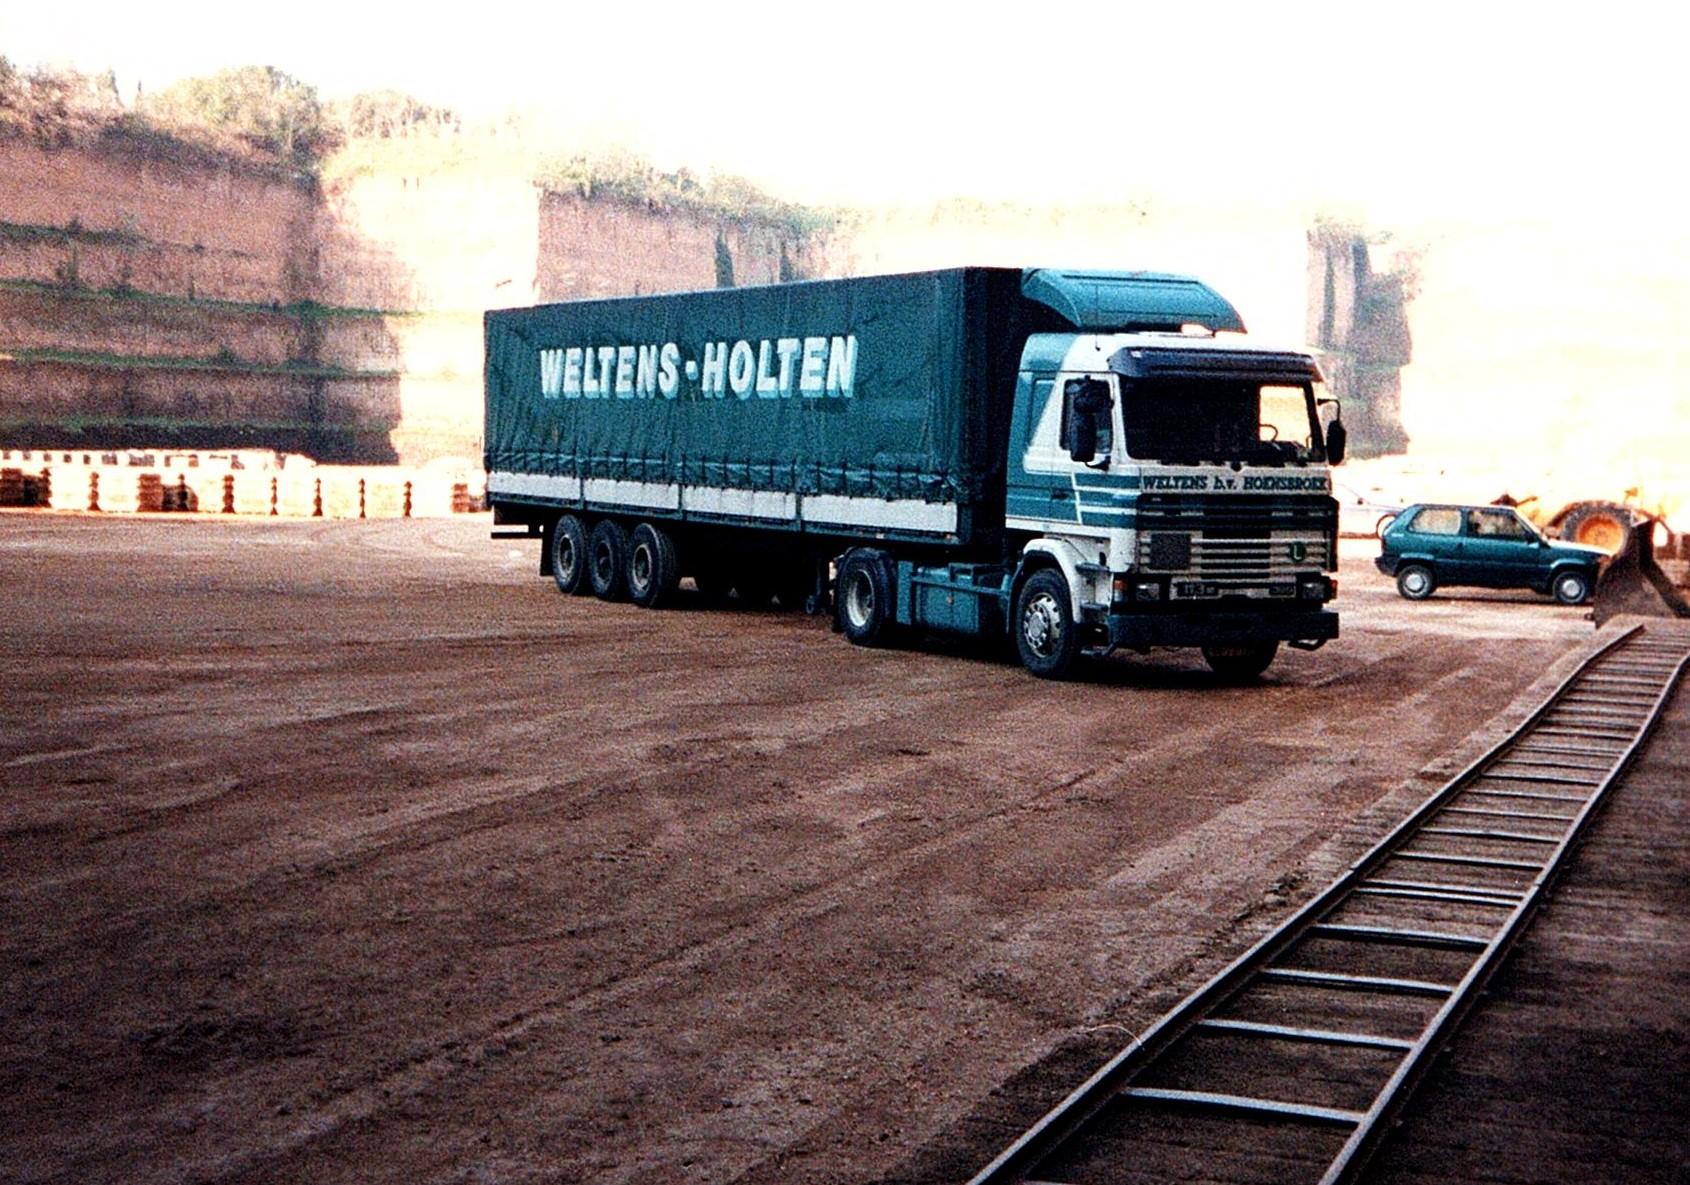 Bert-met-de-Scania-vakantie-vieren-in-Italie-13